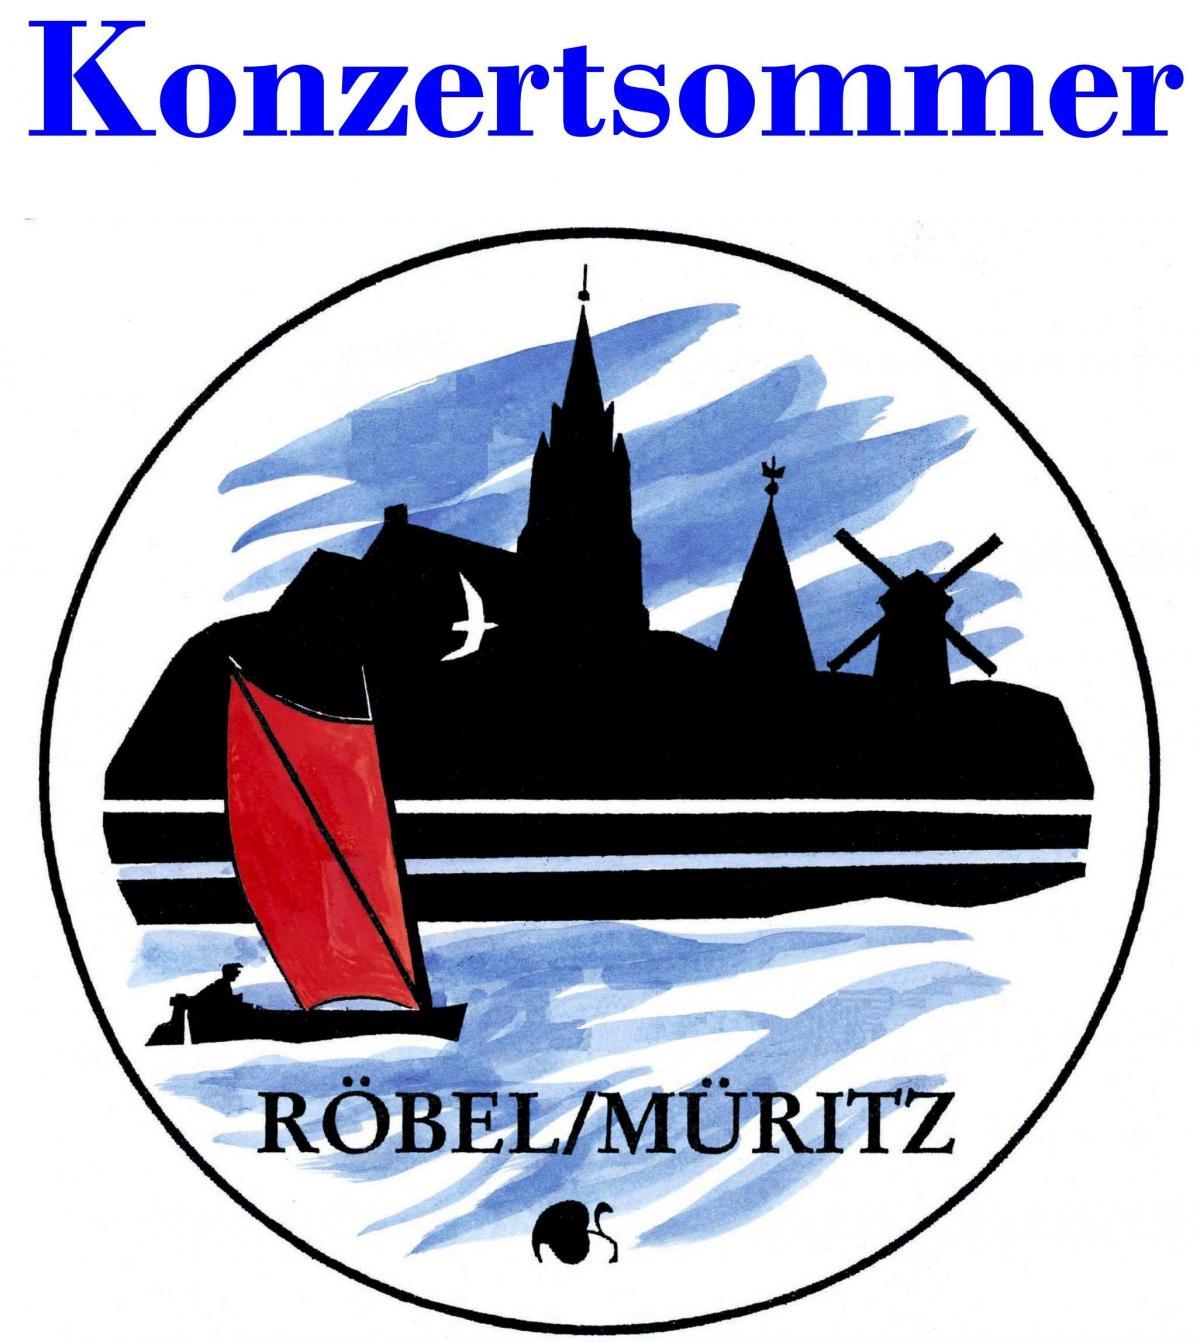 logo-konzertsommer_5